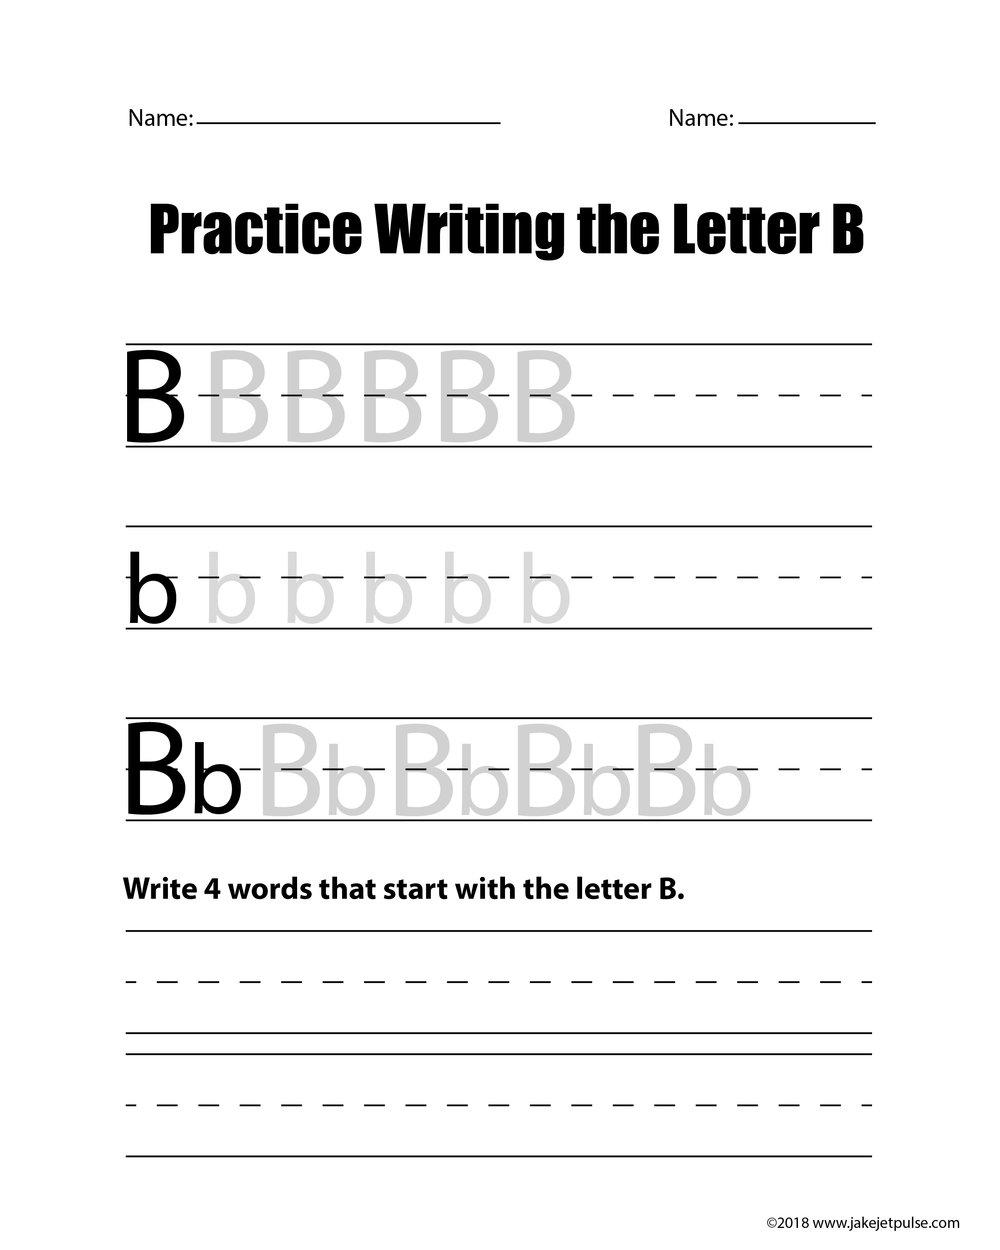 letter_b.jpg